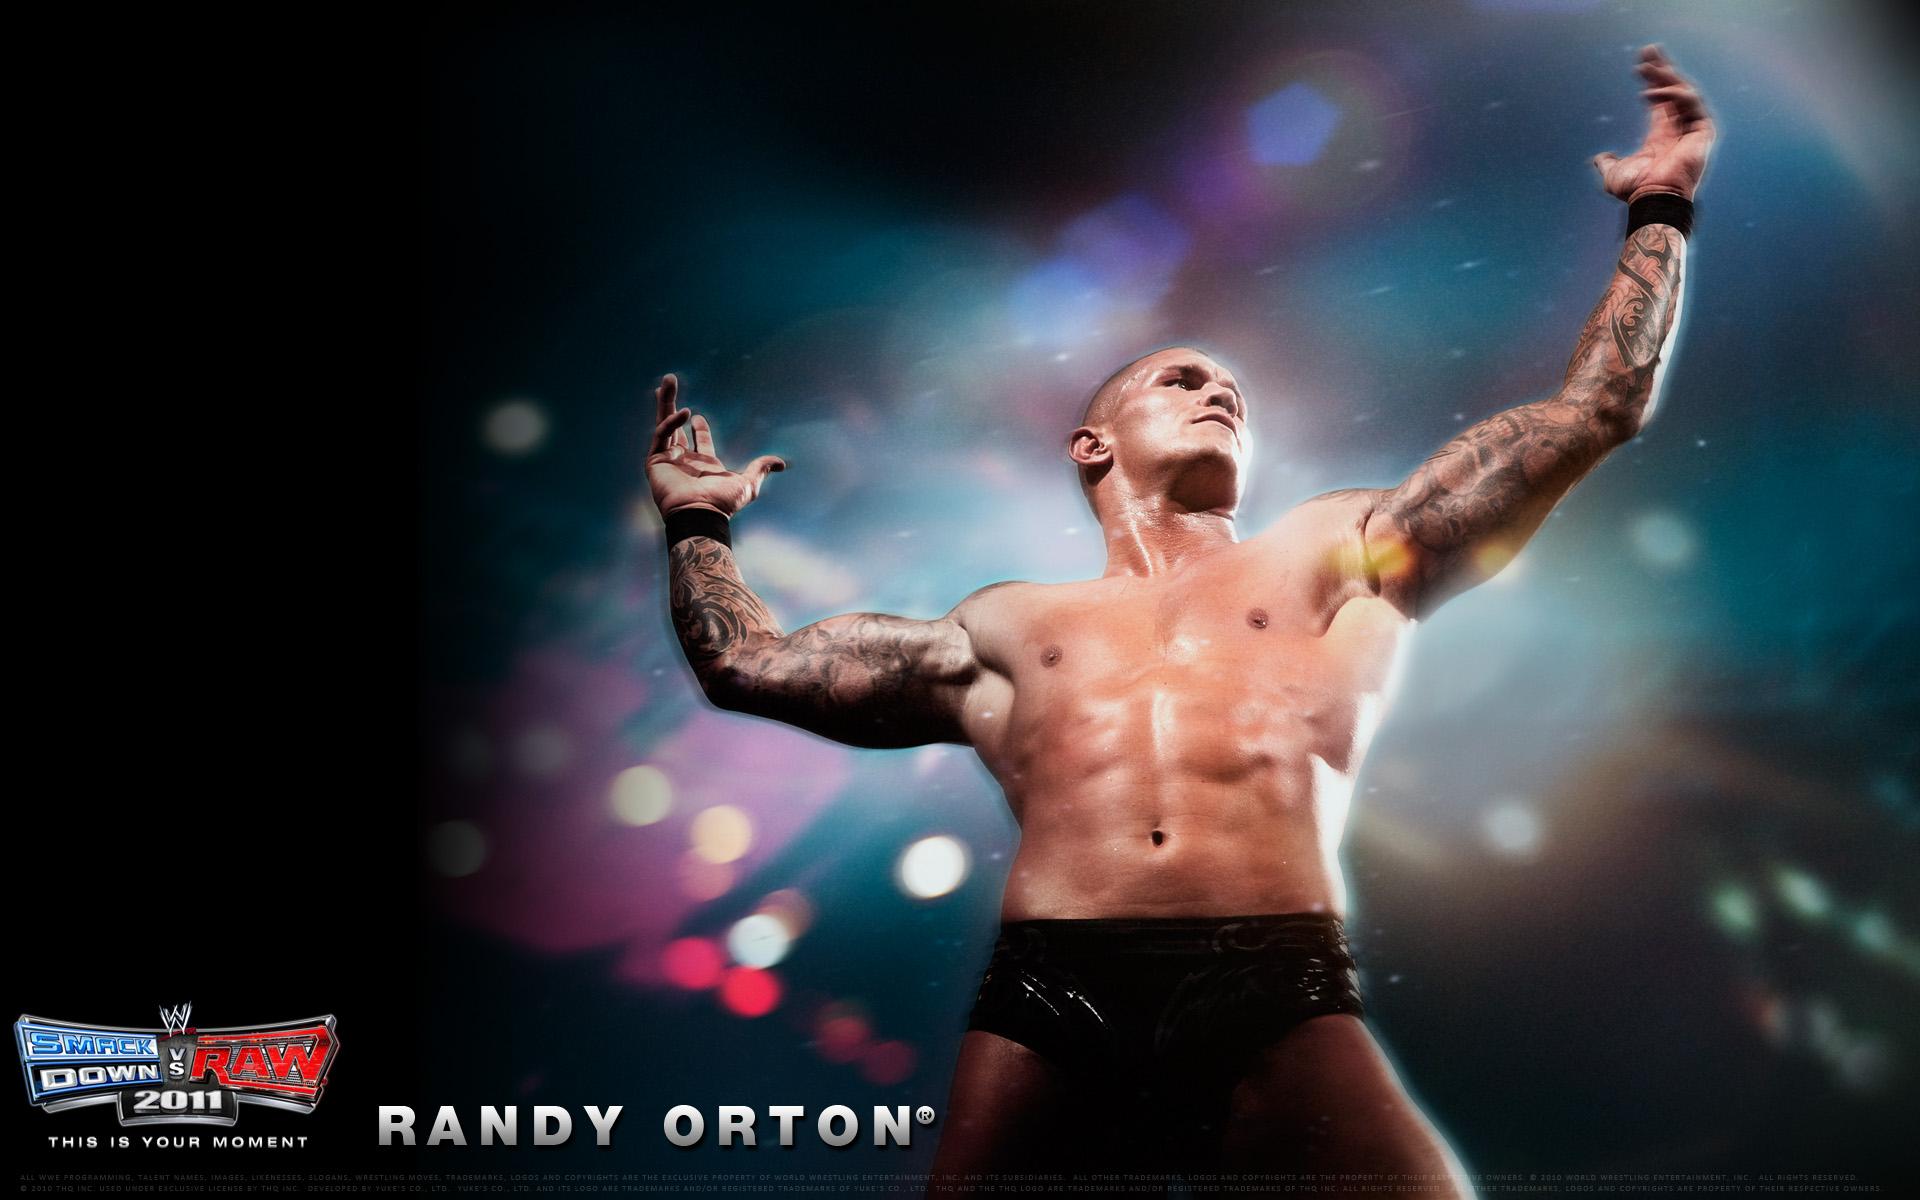 Randy orton wallpaper